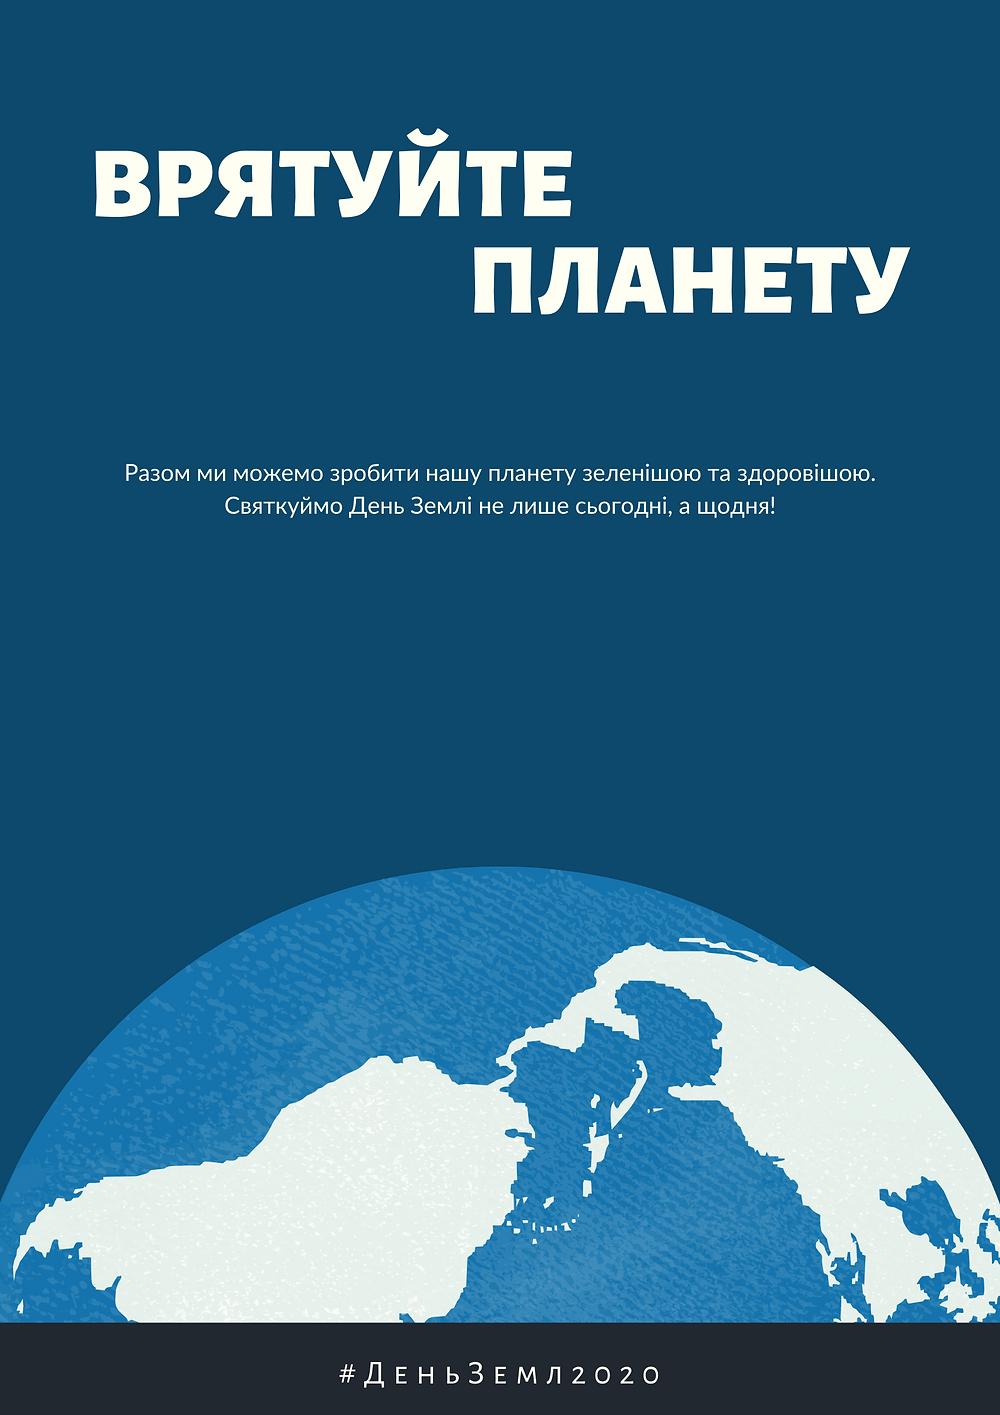 Постер, День Землі